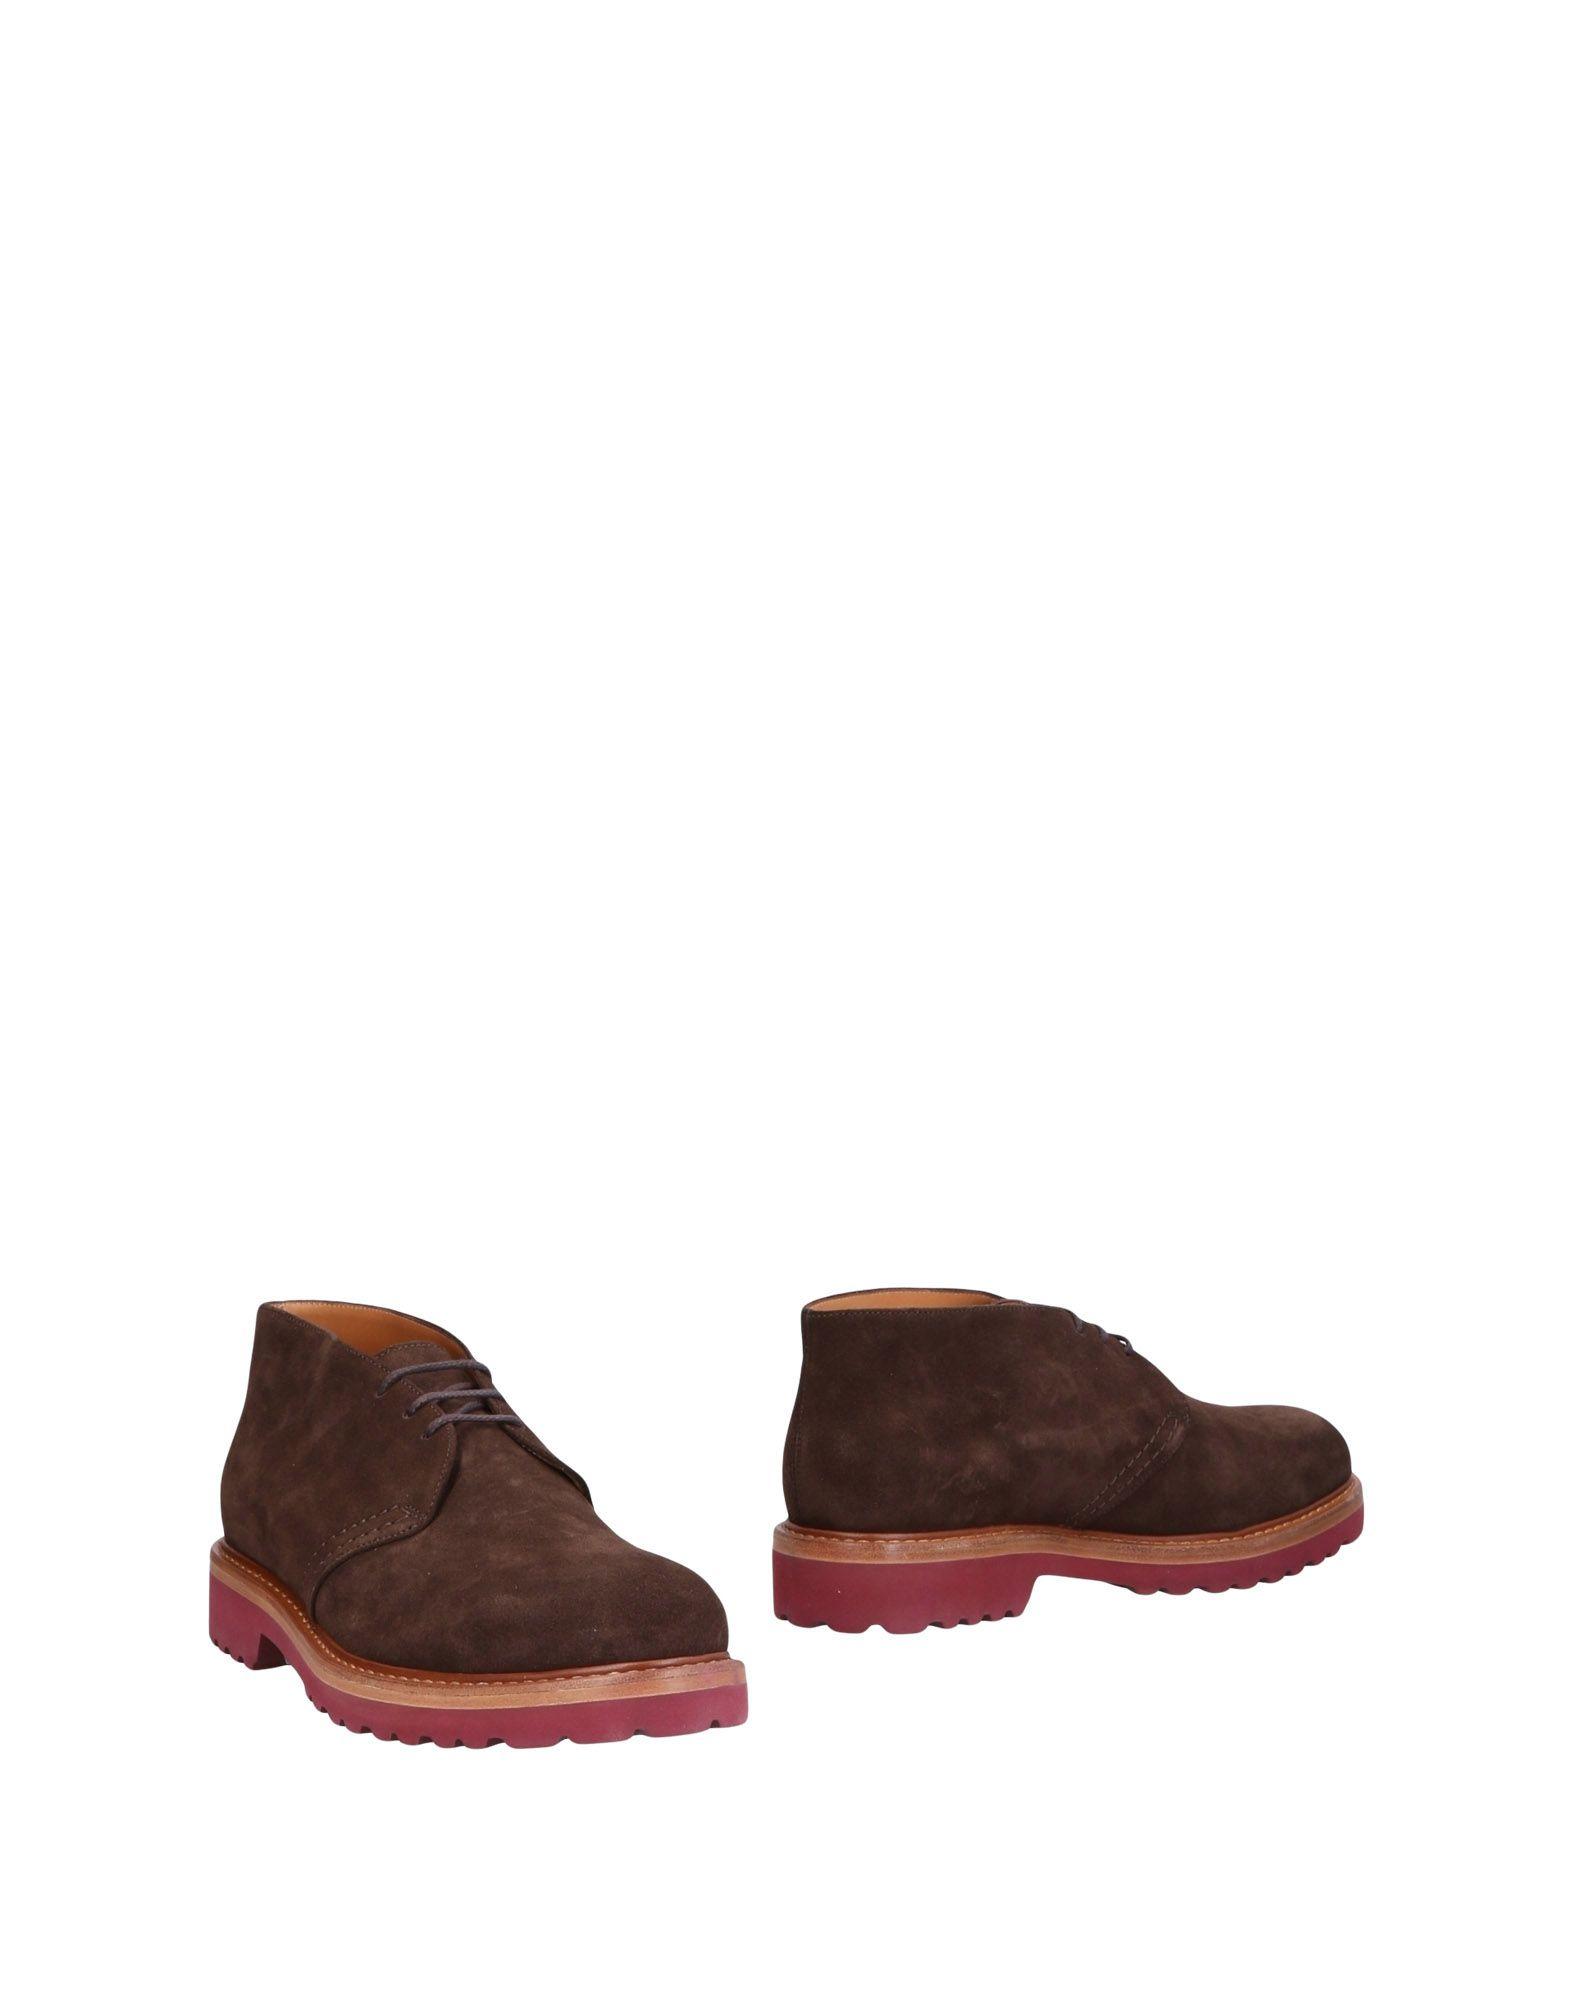 Botti Gute Stiefelette Herren  11461927SW Gute Botti Qualität beliebte Schuhe 2c7cc8